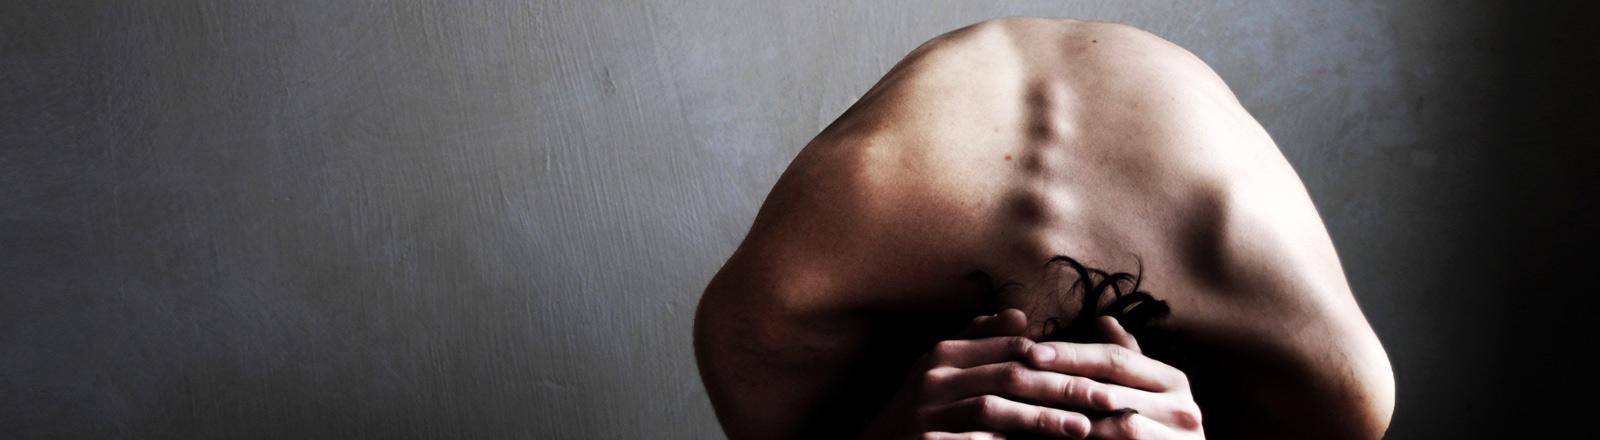 Ein Mann verrenkt seinen nackten Oberkörper, so dass die Wirbelsäule hervorsticht